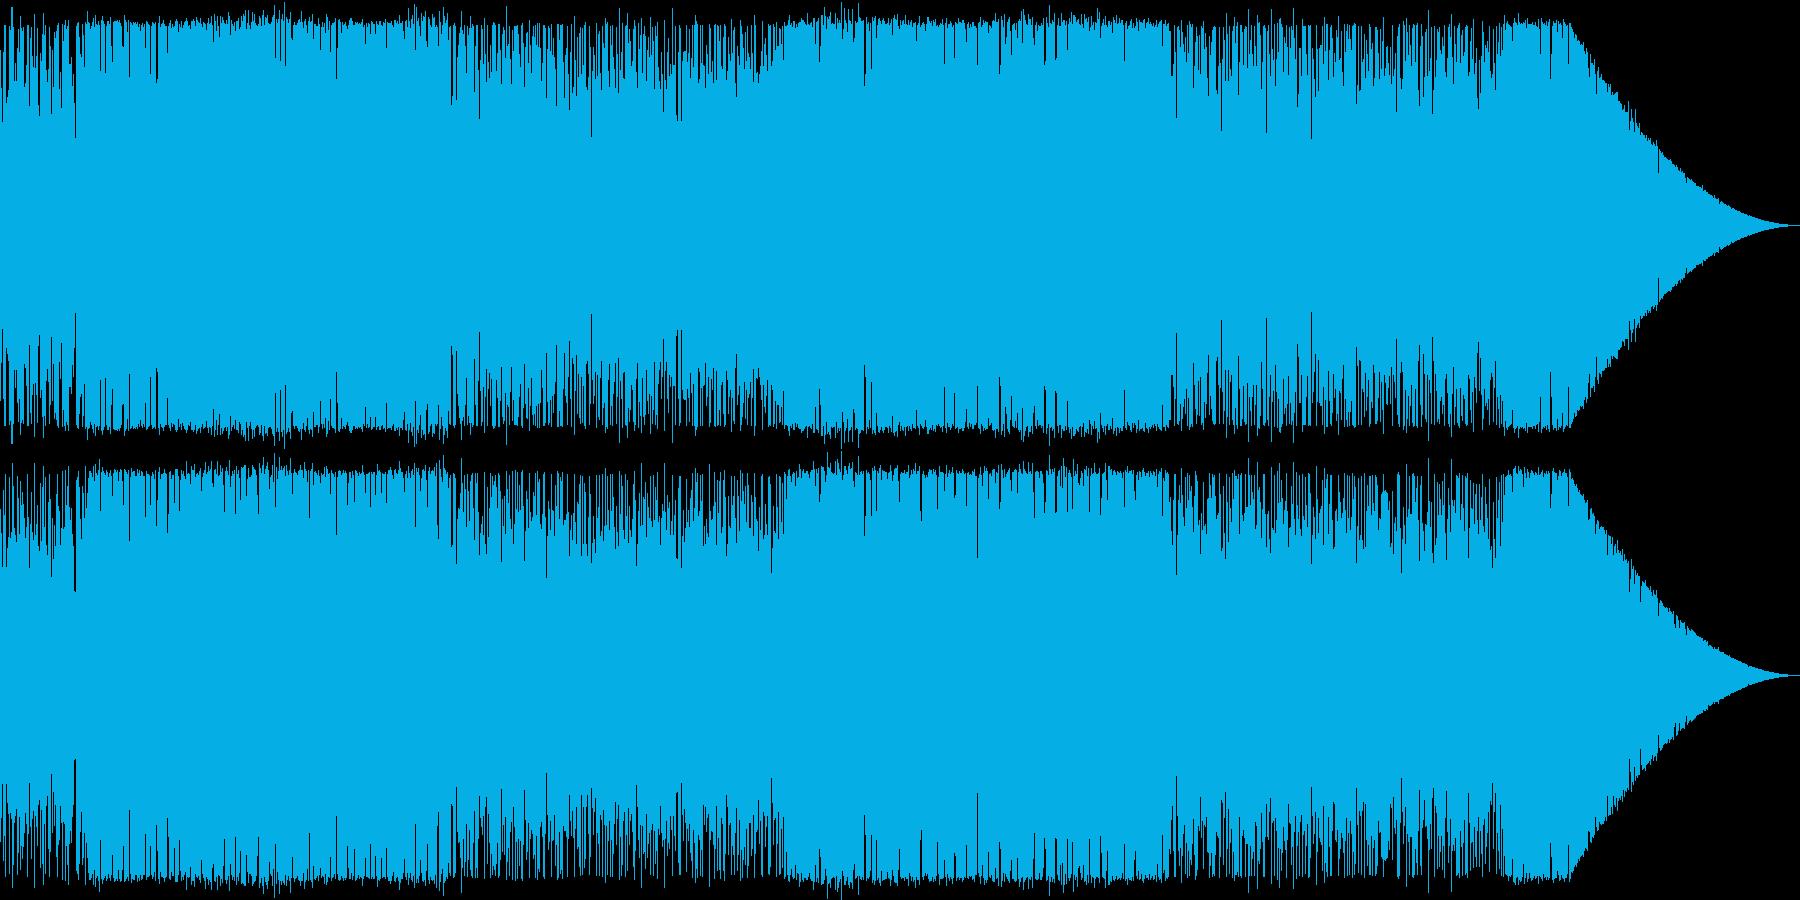 明快単純ポップな曲の再生済みの波形